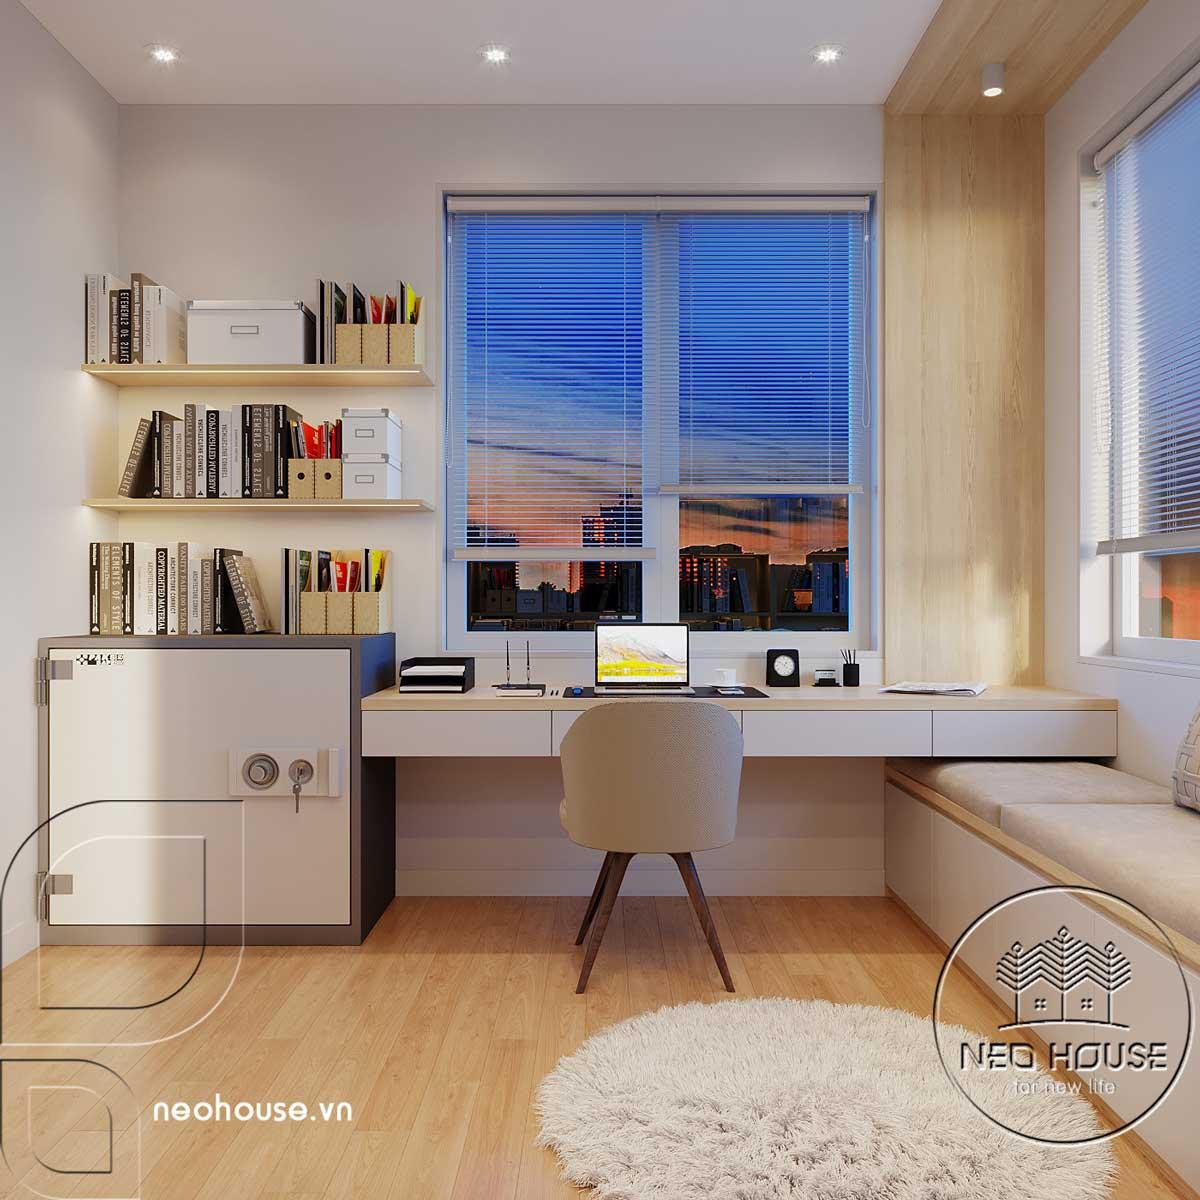 Thiết kế nội thất phòng làm việc biệt thự mái thái 2 tầng. Ảnh 1